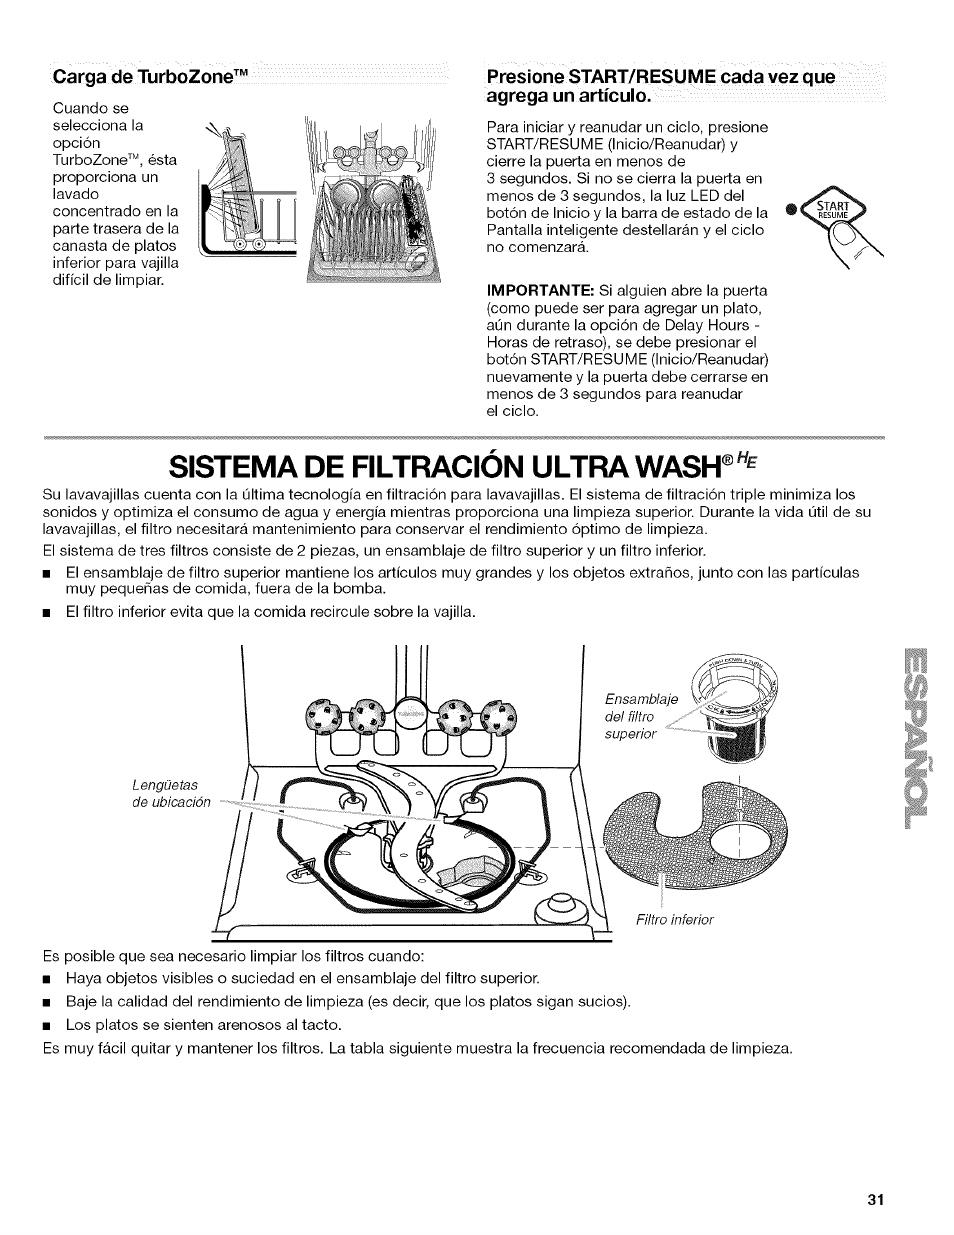 Sistema de filtración ultra wash, Carga de turbozone | Kenmore 13163 ...